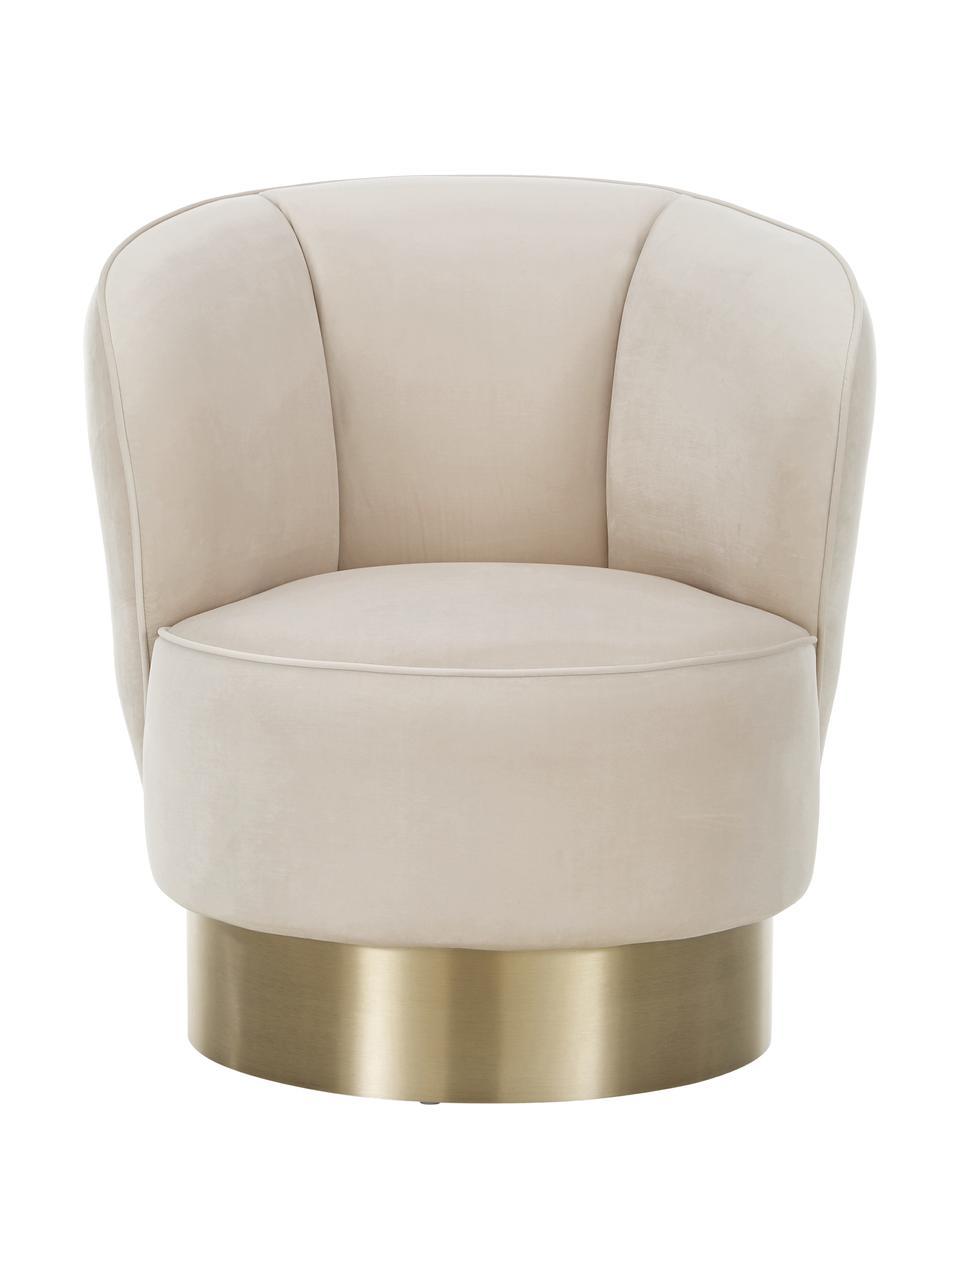 Fotel koktajlowy  z aksamitu Olivia, Tapicerka: aksamit (poliester) Dzięk, Aksamit beżowy, S 70 x W 70 cm